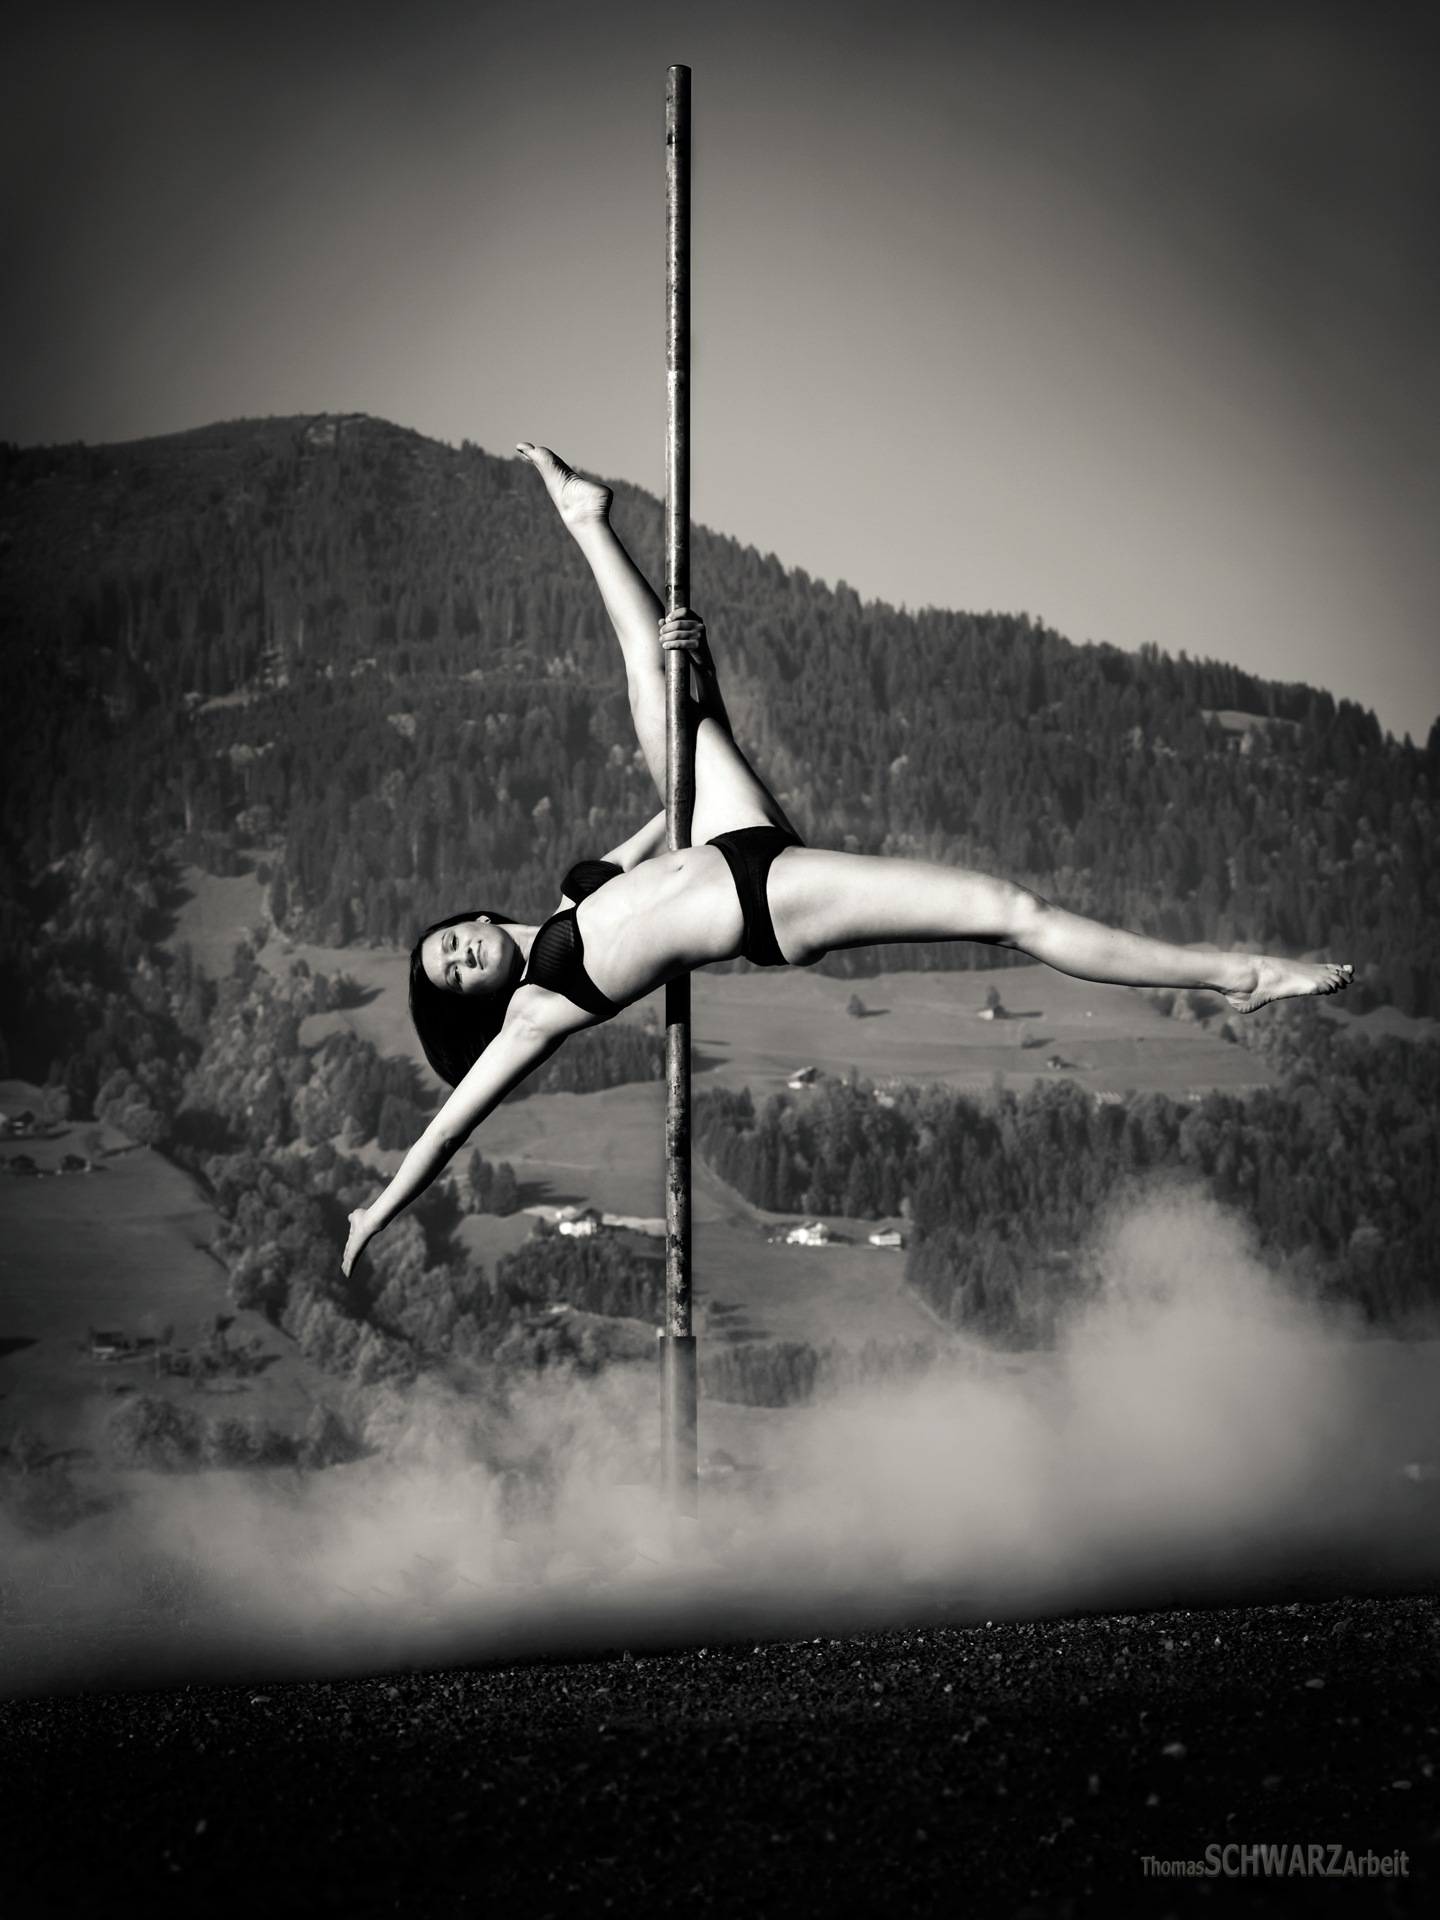 pole dance 06 by thomasschwarzarbeit